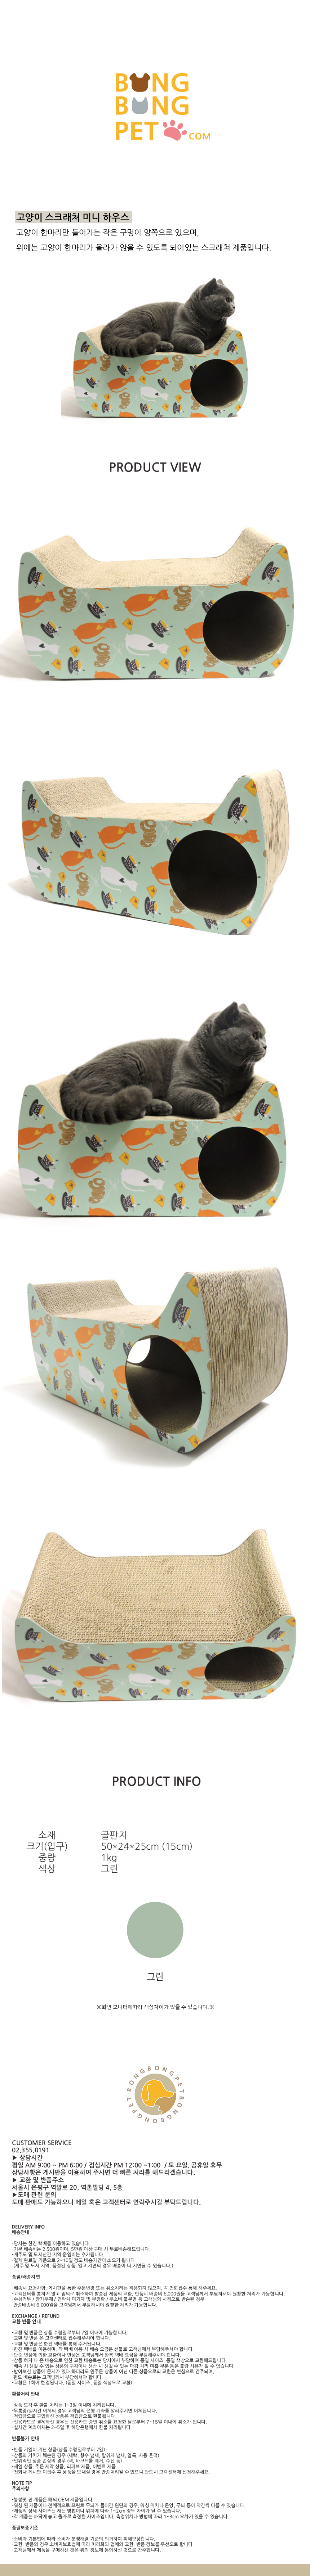 (봉봉펫닷컴) 고양이 스크래쳐 미니 하우스 - 한국침구예진, 19,800원, 장난감/스크래쳐, 스크래쳐